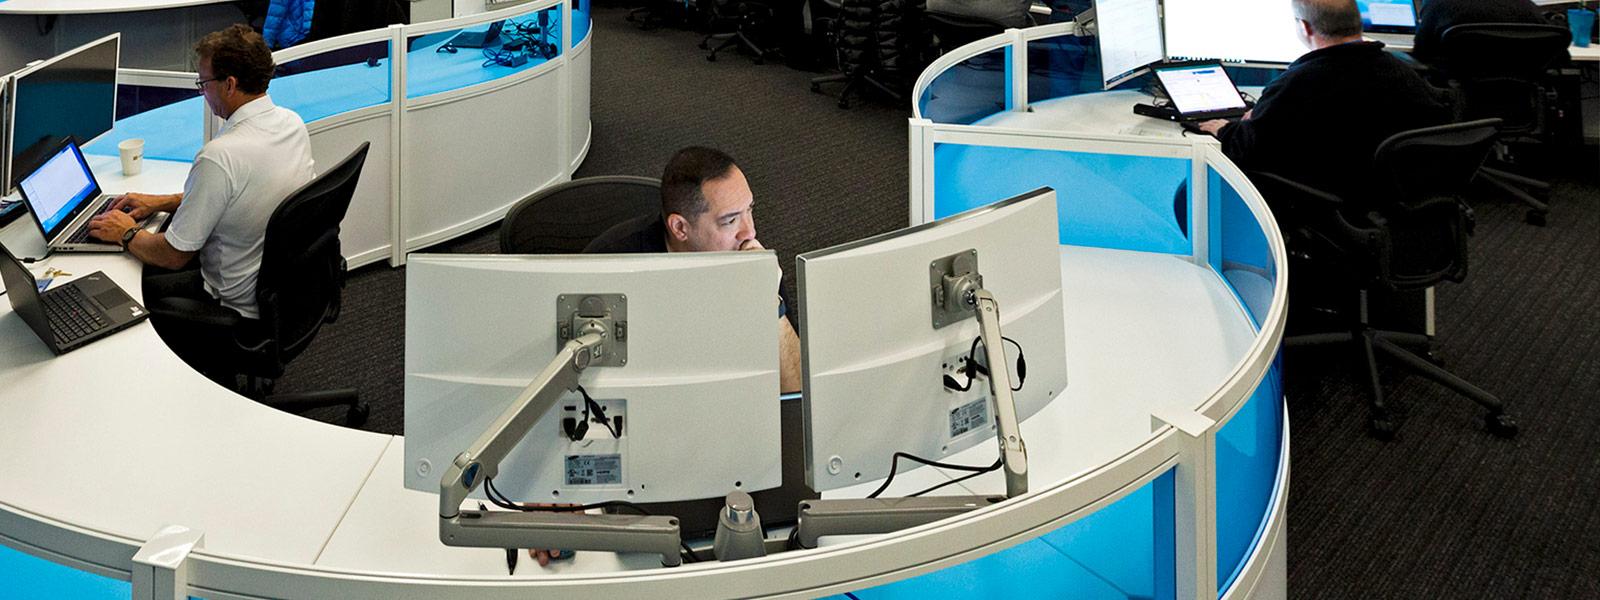 Mann i cybersikkerhetssenter som ser på to skjermer